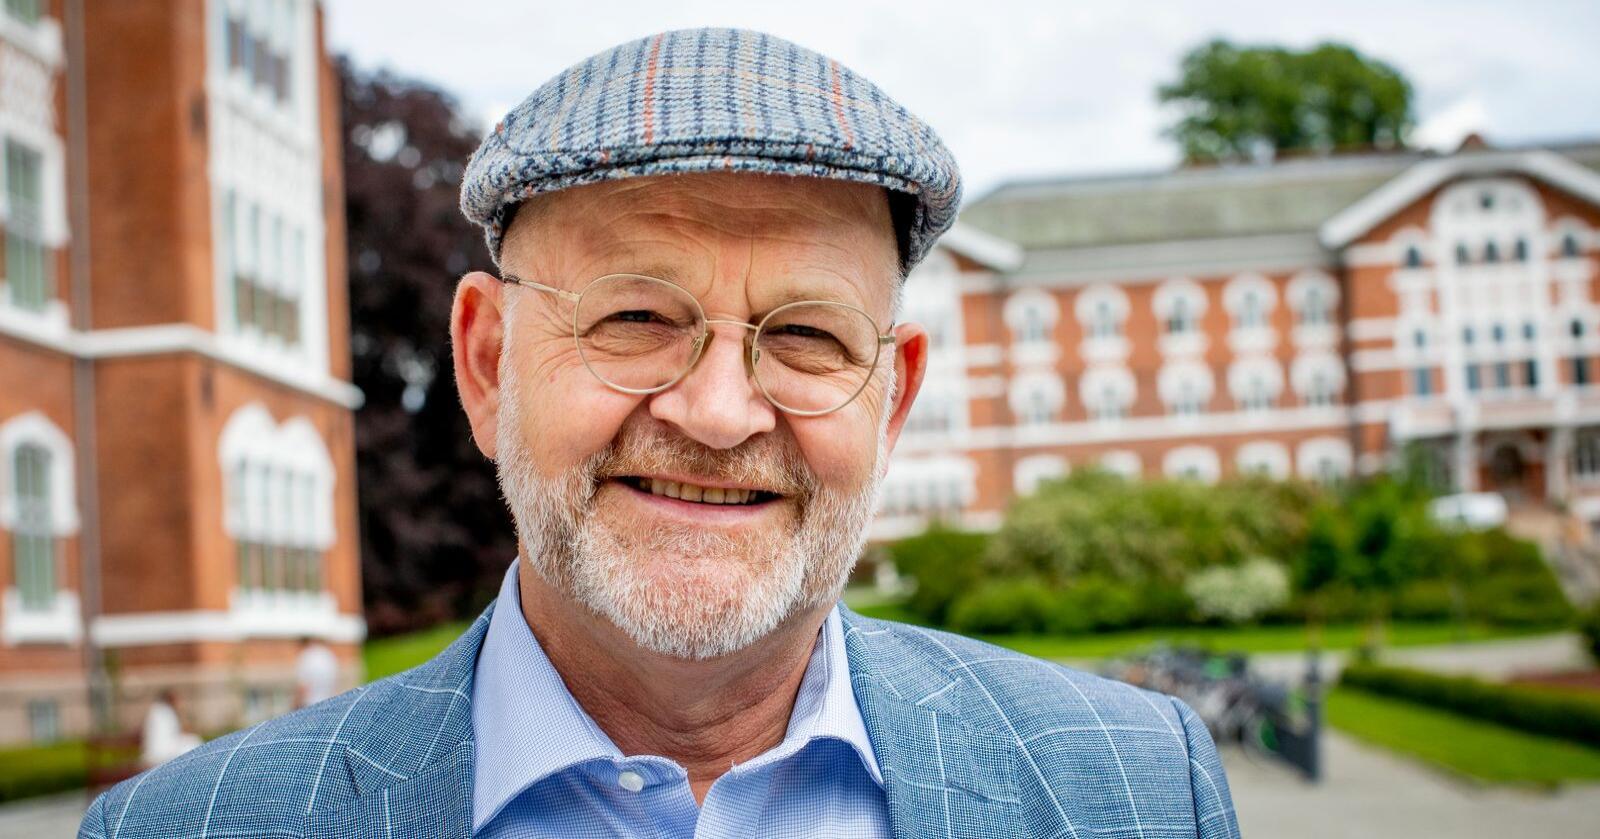 –  Nå når samfunnet er i en krise, er det ekstra viktig å sørge for at studentene har nok å leve av, sier NMBU-rektor Sjur Baardsen. Foto: Håkon Sparre